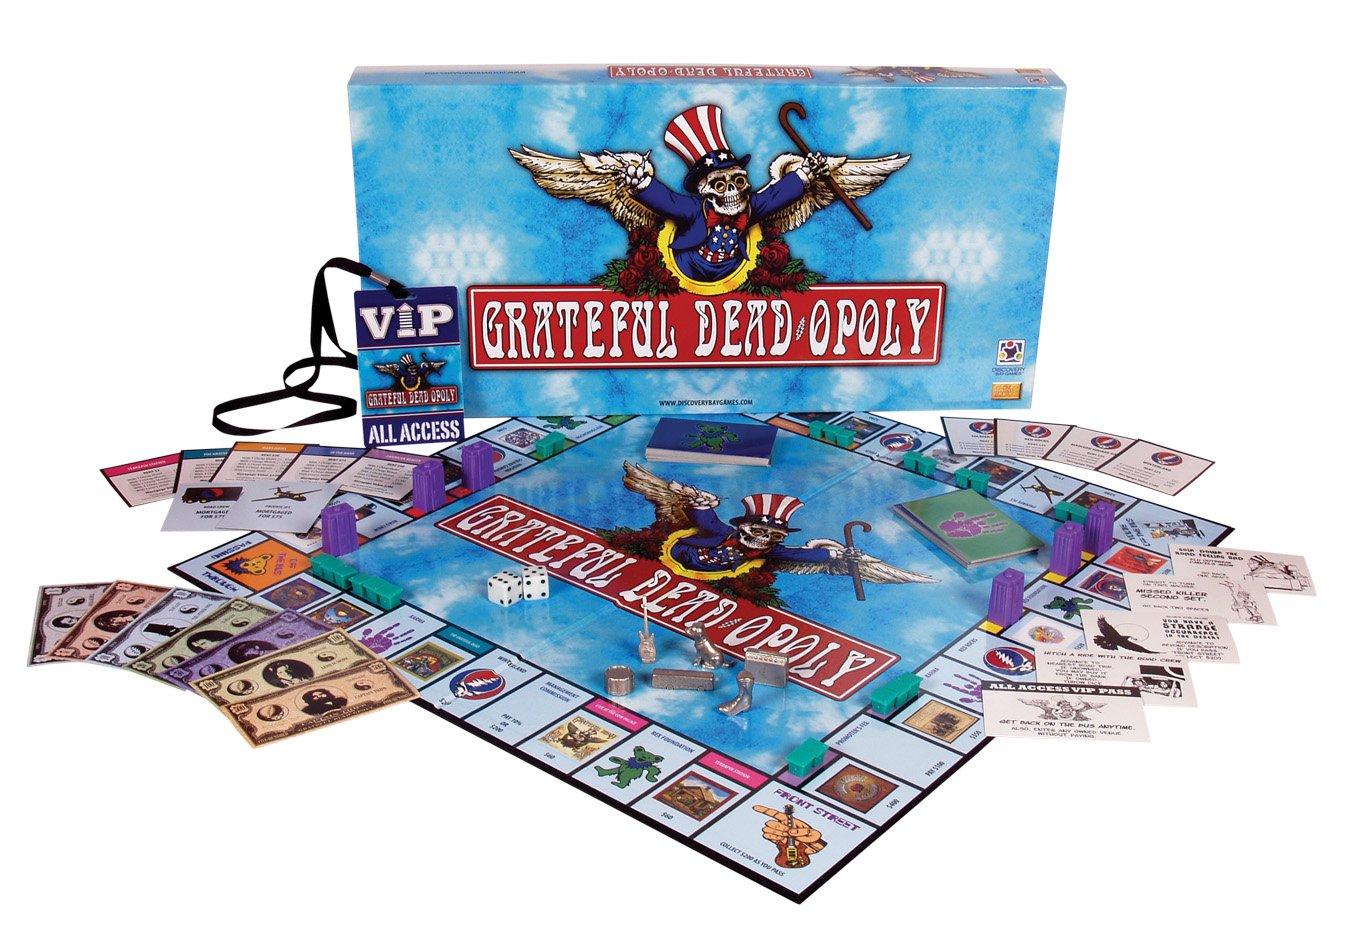 Grateful Dead 1134 Grateful Deadopoly - Juego de mesa de ...